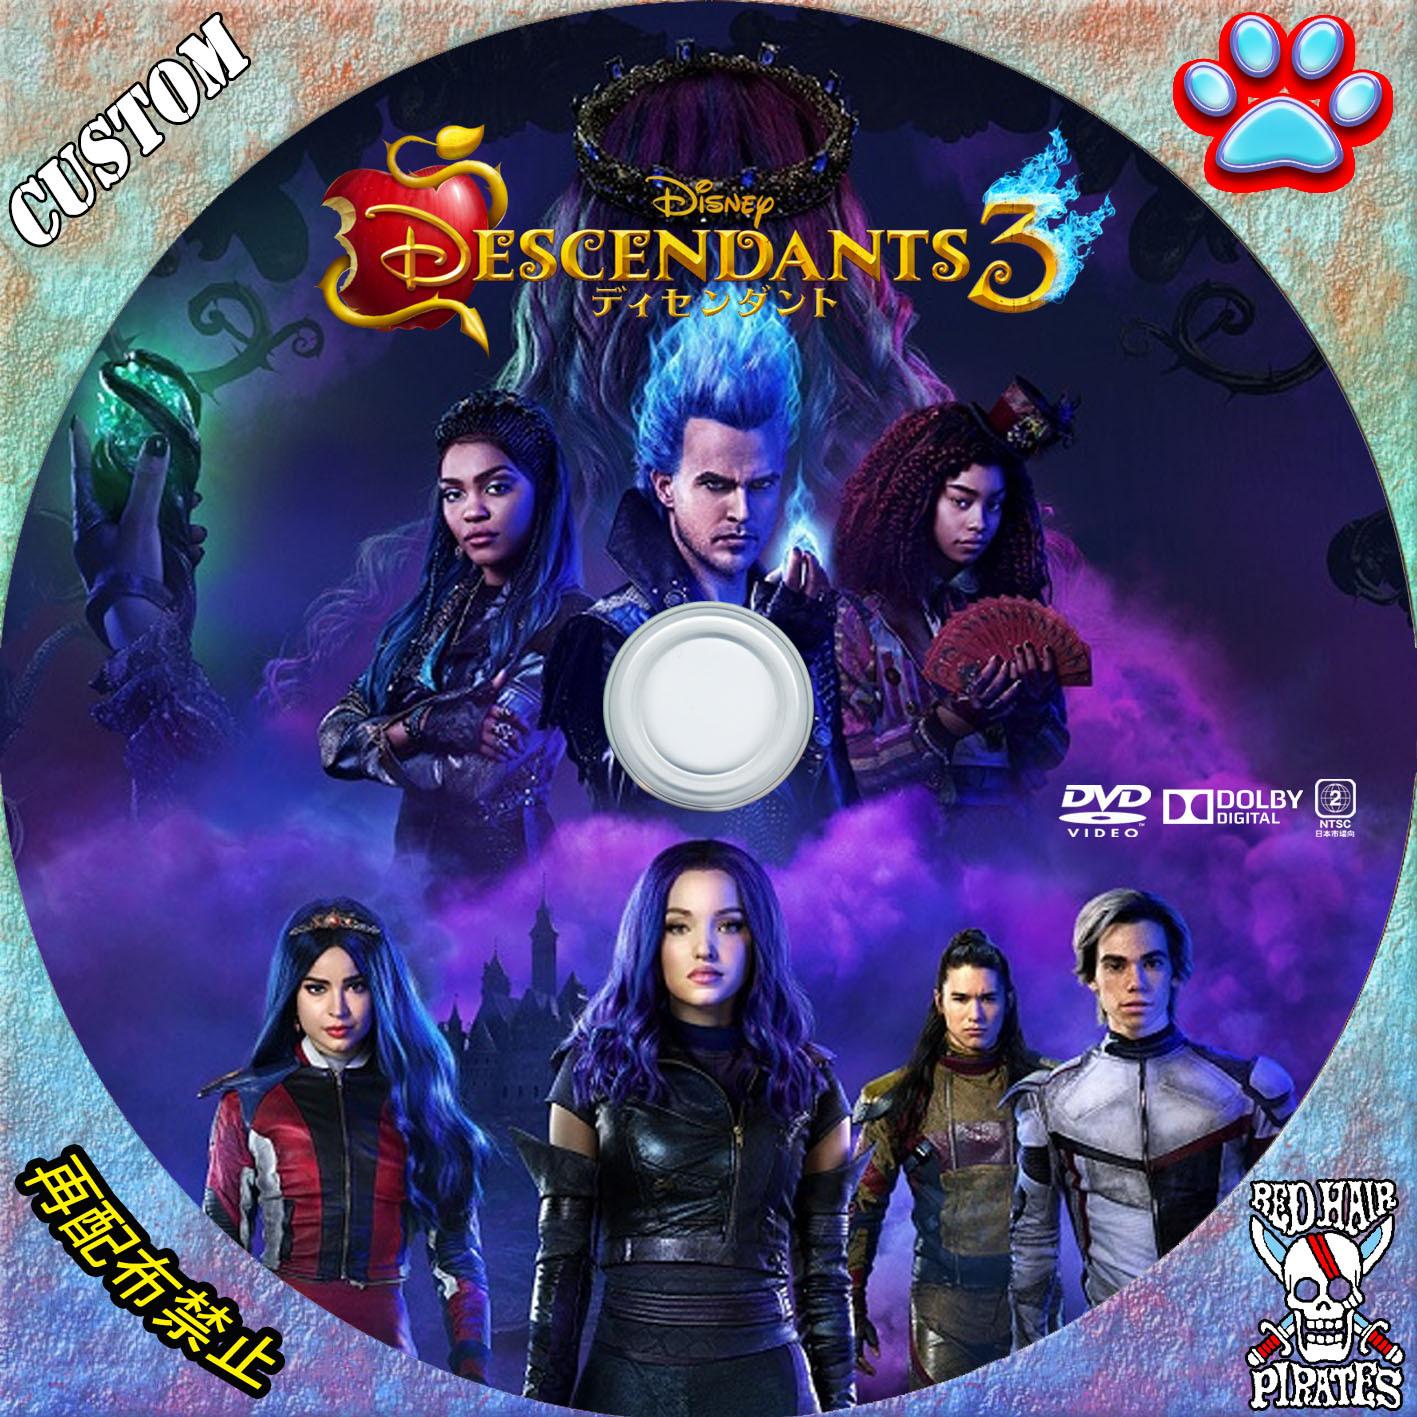 ディセンダ ント 3 dvd